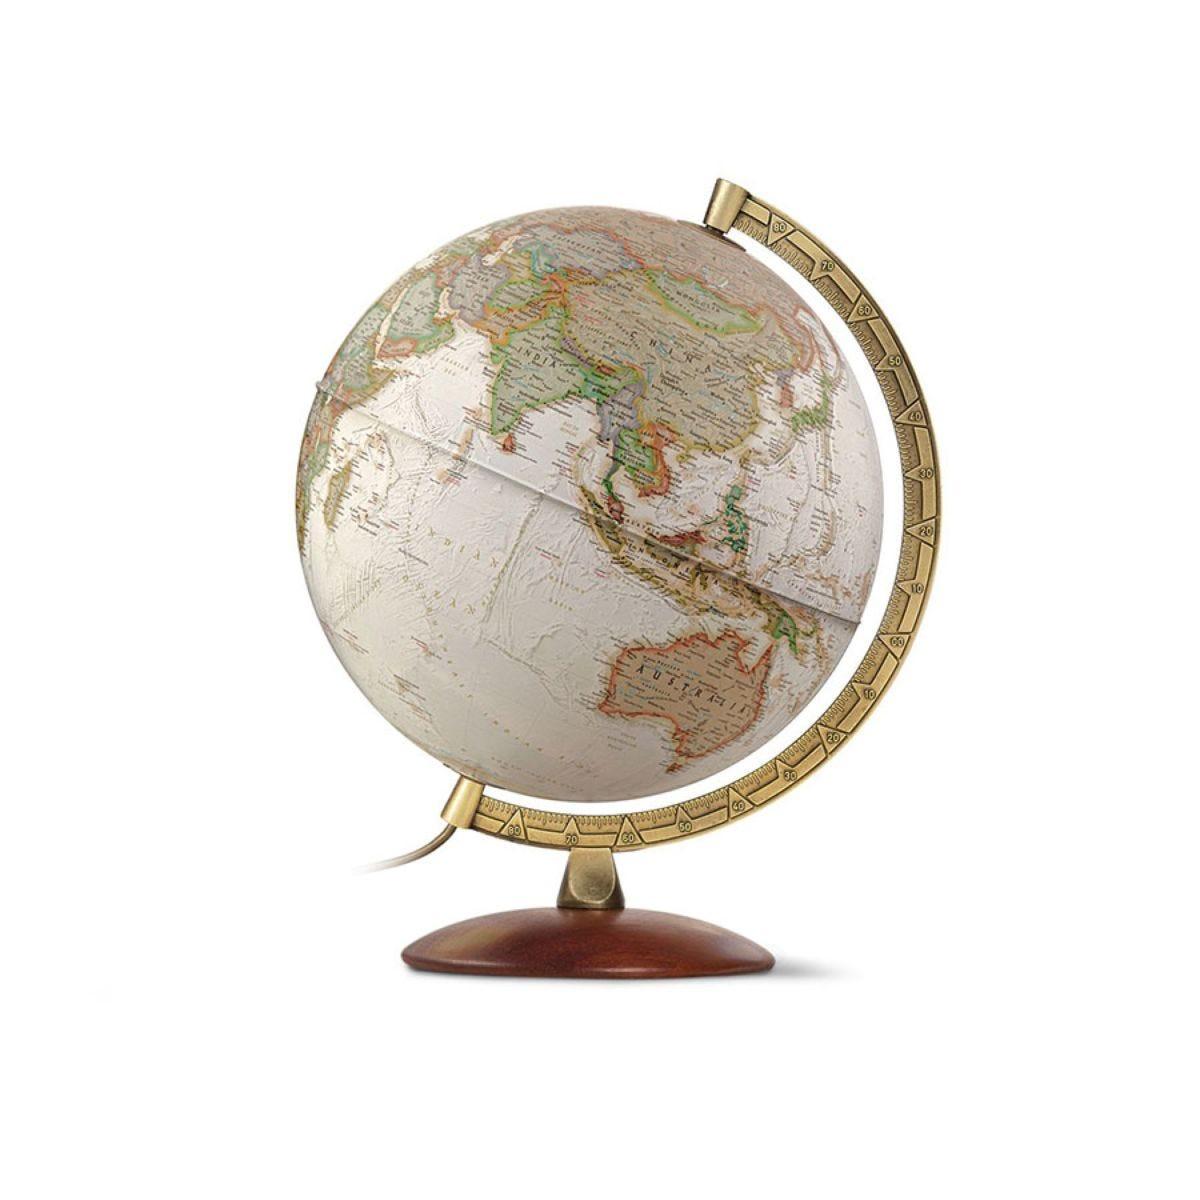 National Geographic 30cm Edge Executive Antique Reference Illuminated Globe